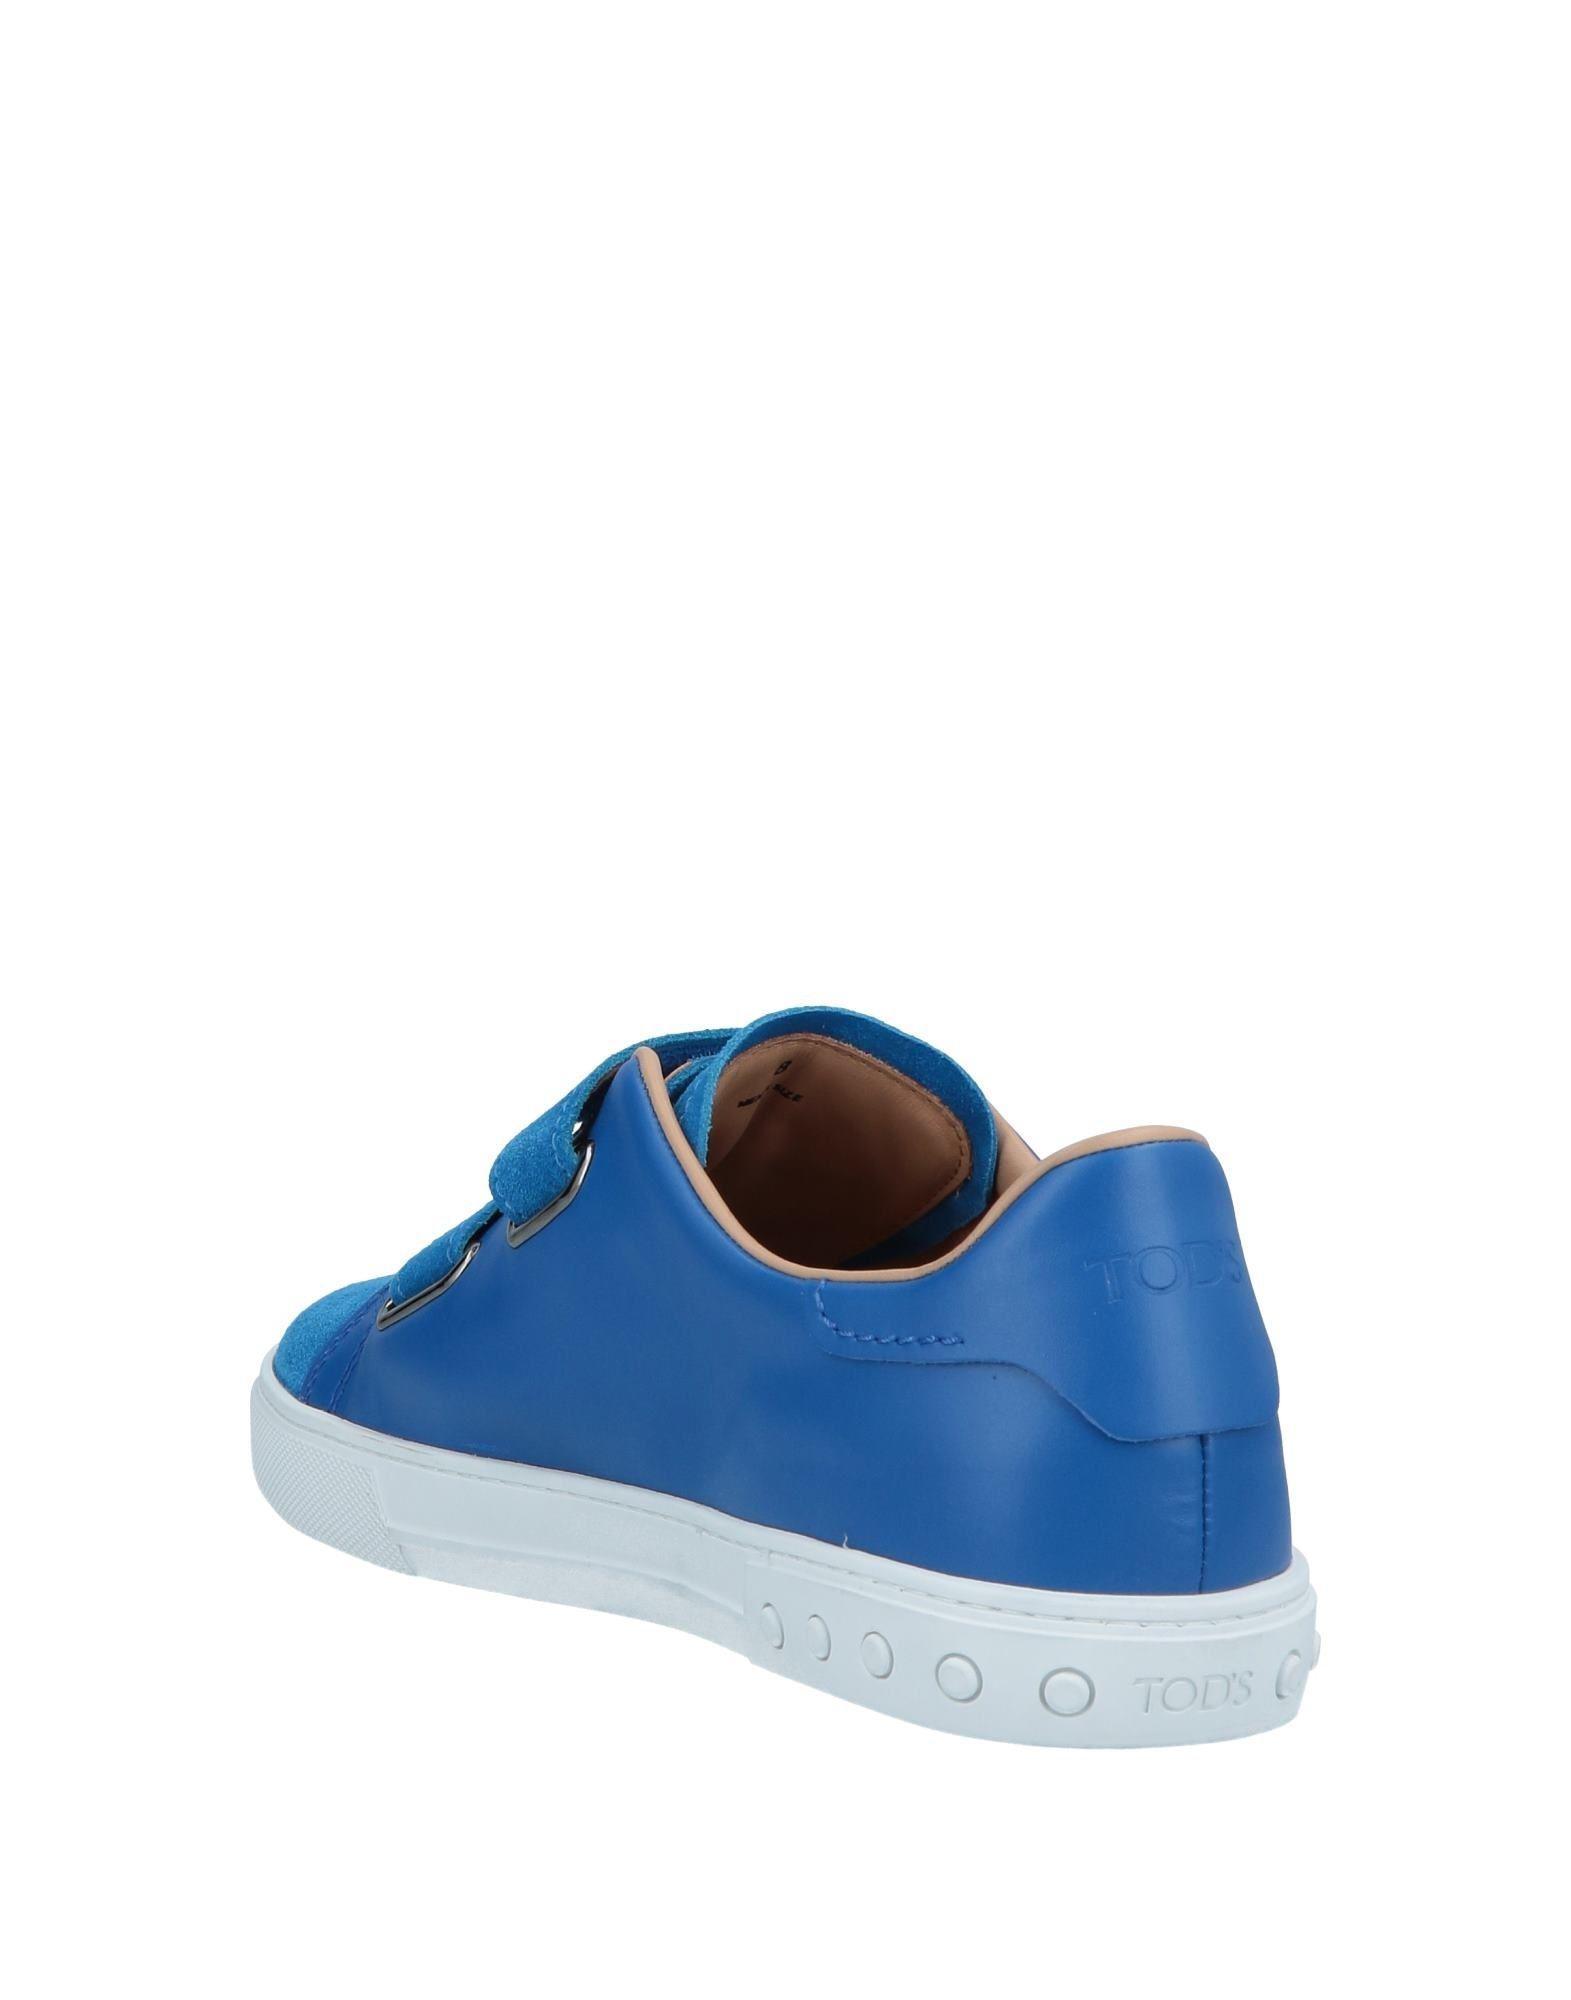 Sneakers & Tennis basses Cuir Tod's pour homme en coloris Bleu detu